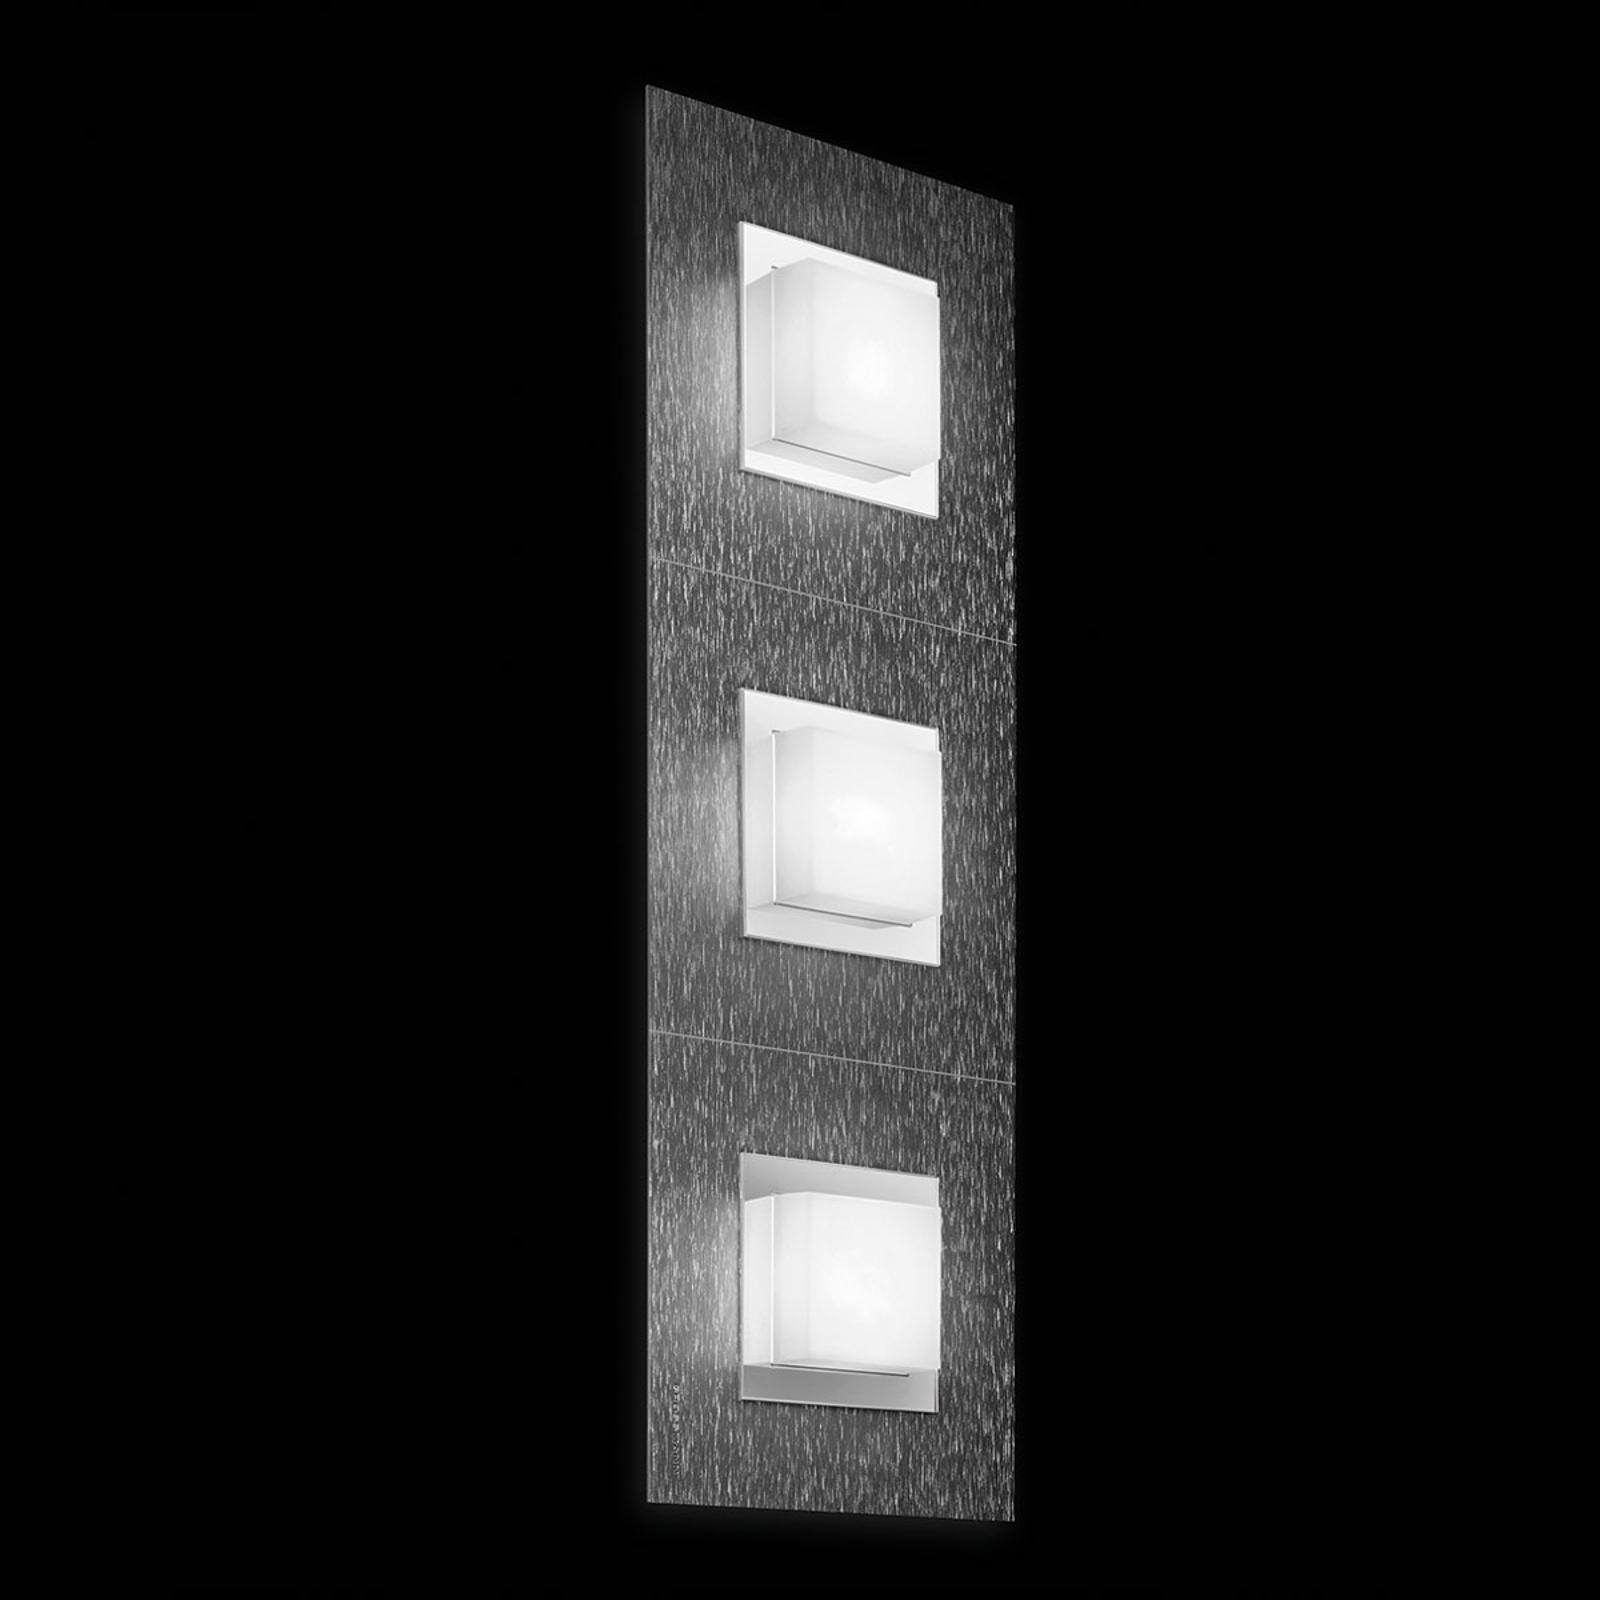 Produktové foto GROSSMANN GROSSMANN Basic LED nástěnné světlo, 3zdr antracit